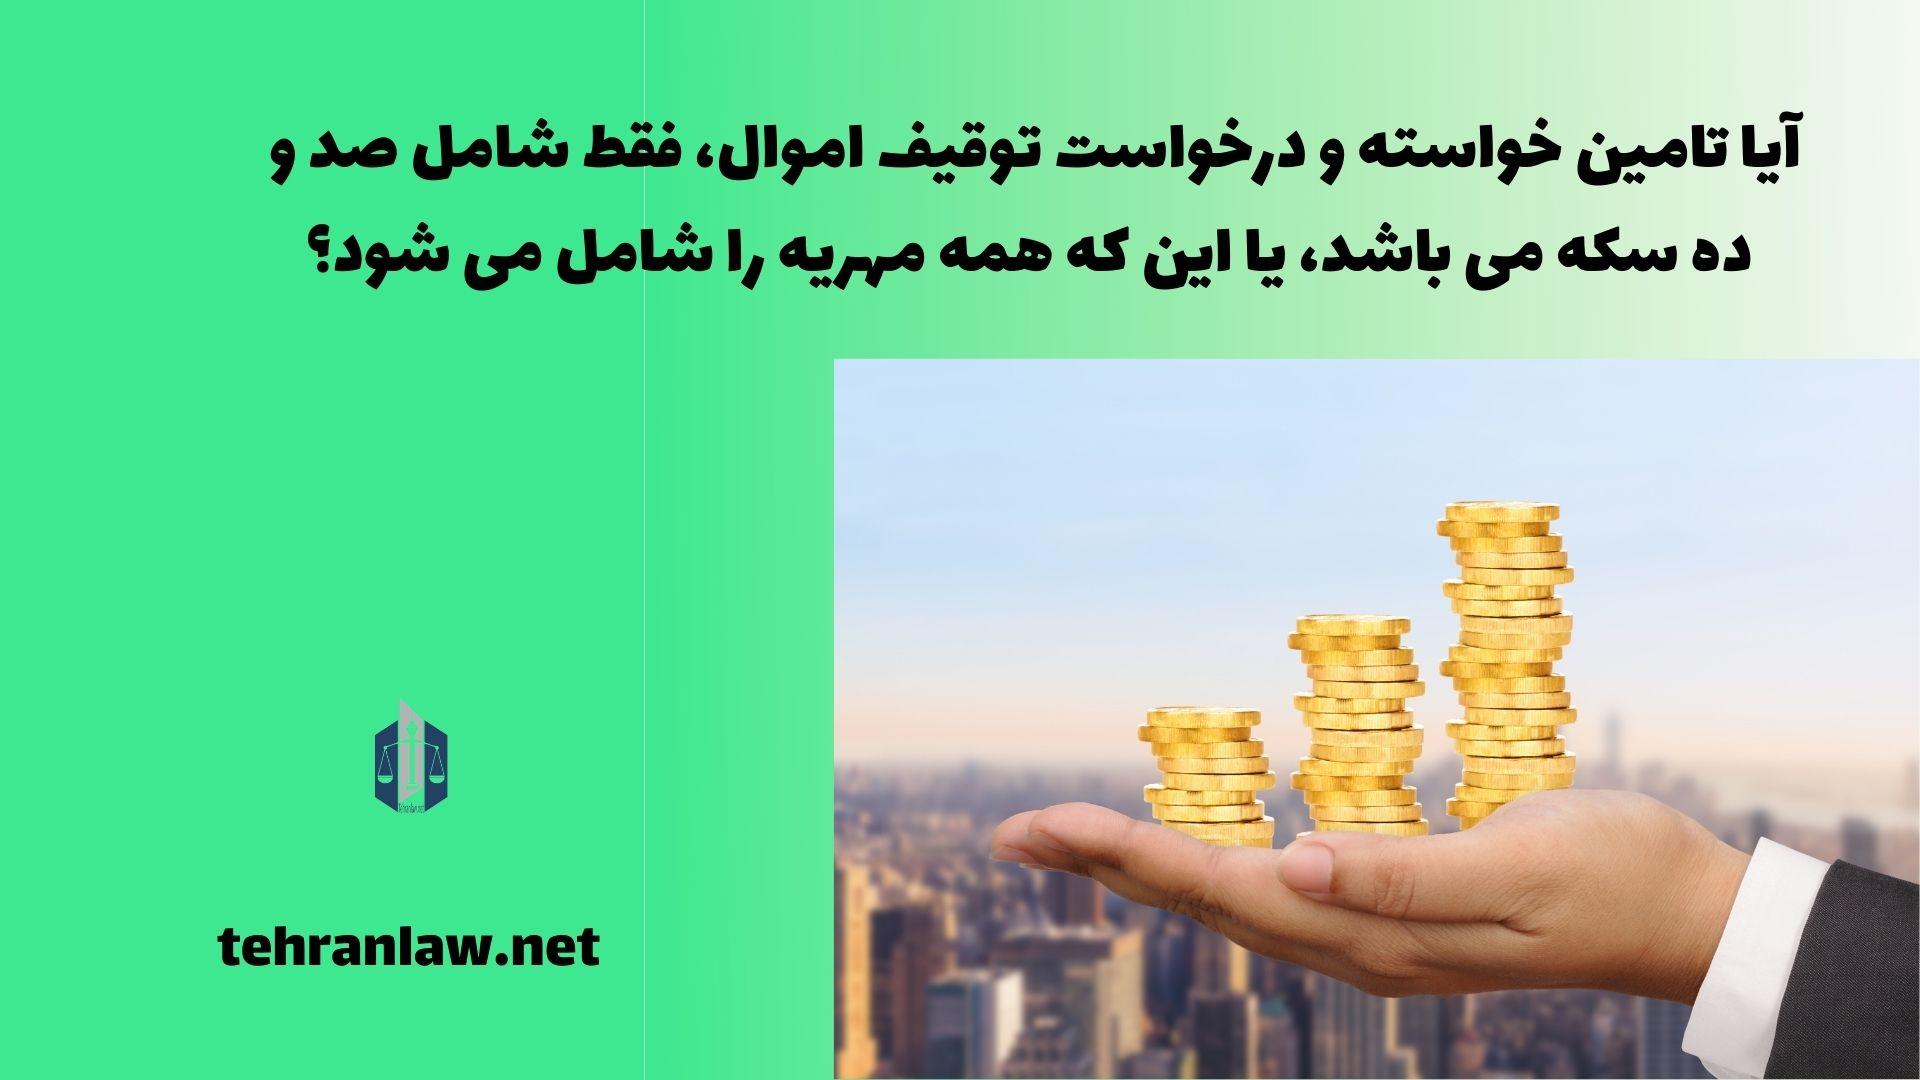 آیا تامین خواسته و درخواست توقیف اموال، فقط شامل صد و ده سکه می باشد، یا این که همه مهریه را شامل می شود؟